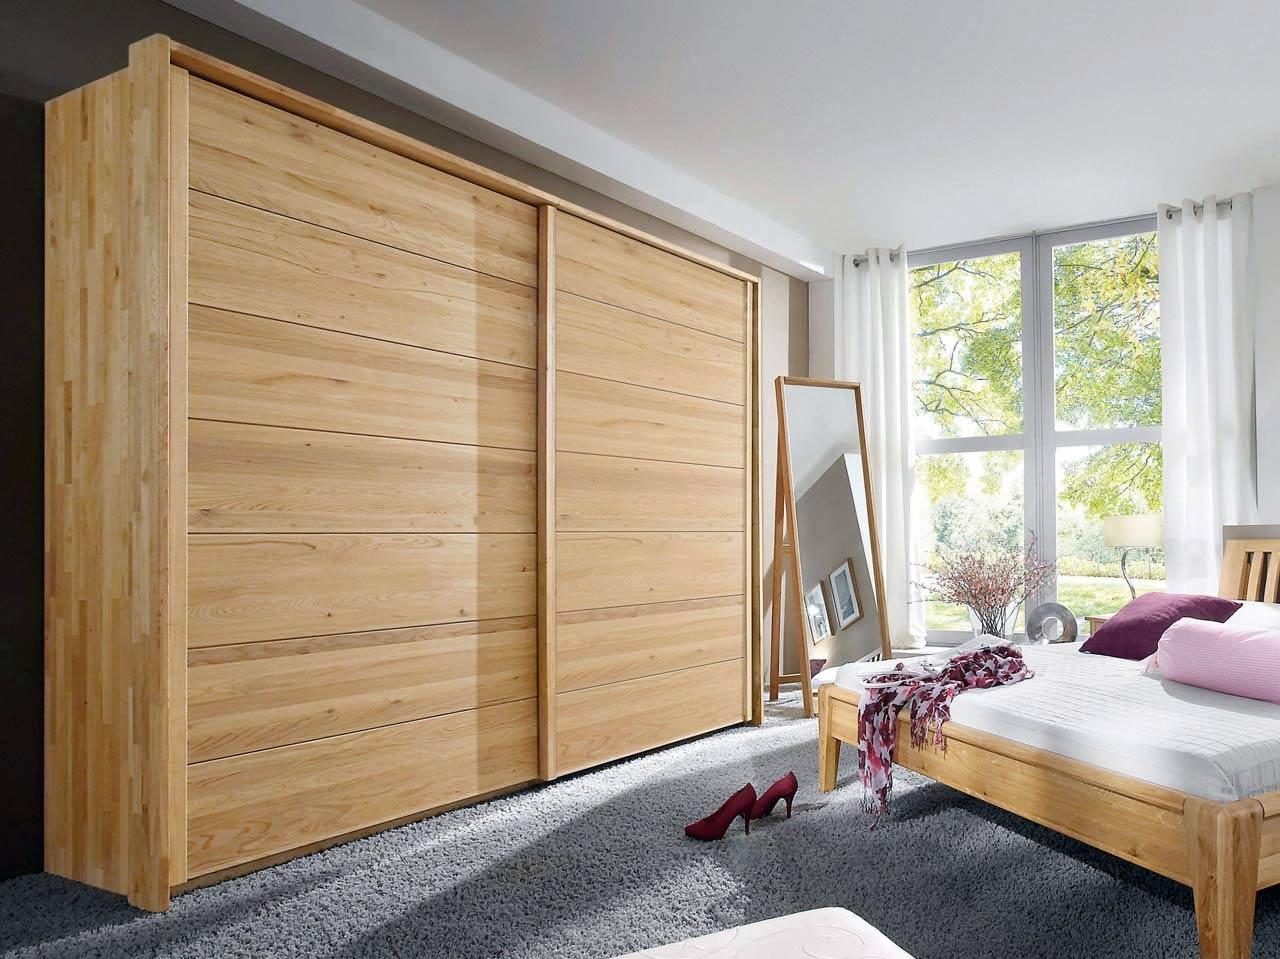 schwebet renschrank buche machen sie den preisvergleich bei nextag. Black Bedroom Furniture Sets. Home Design Ideas